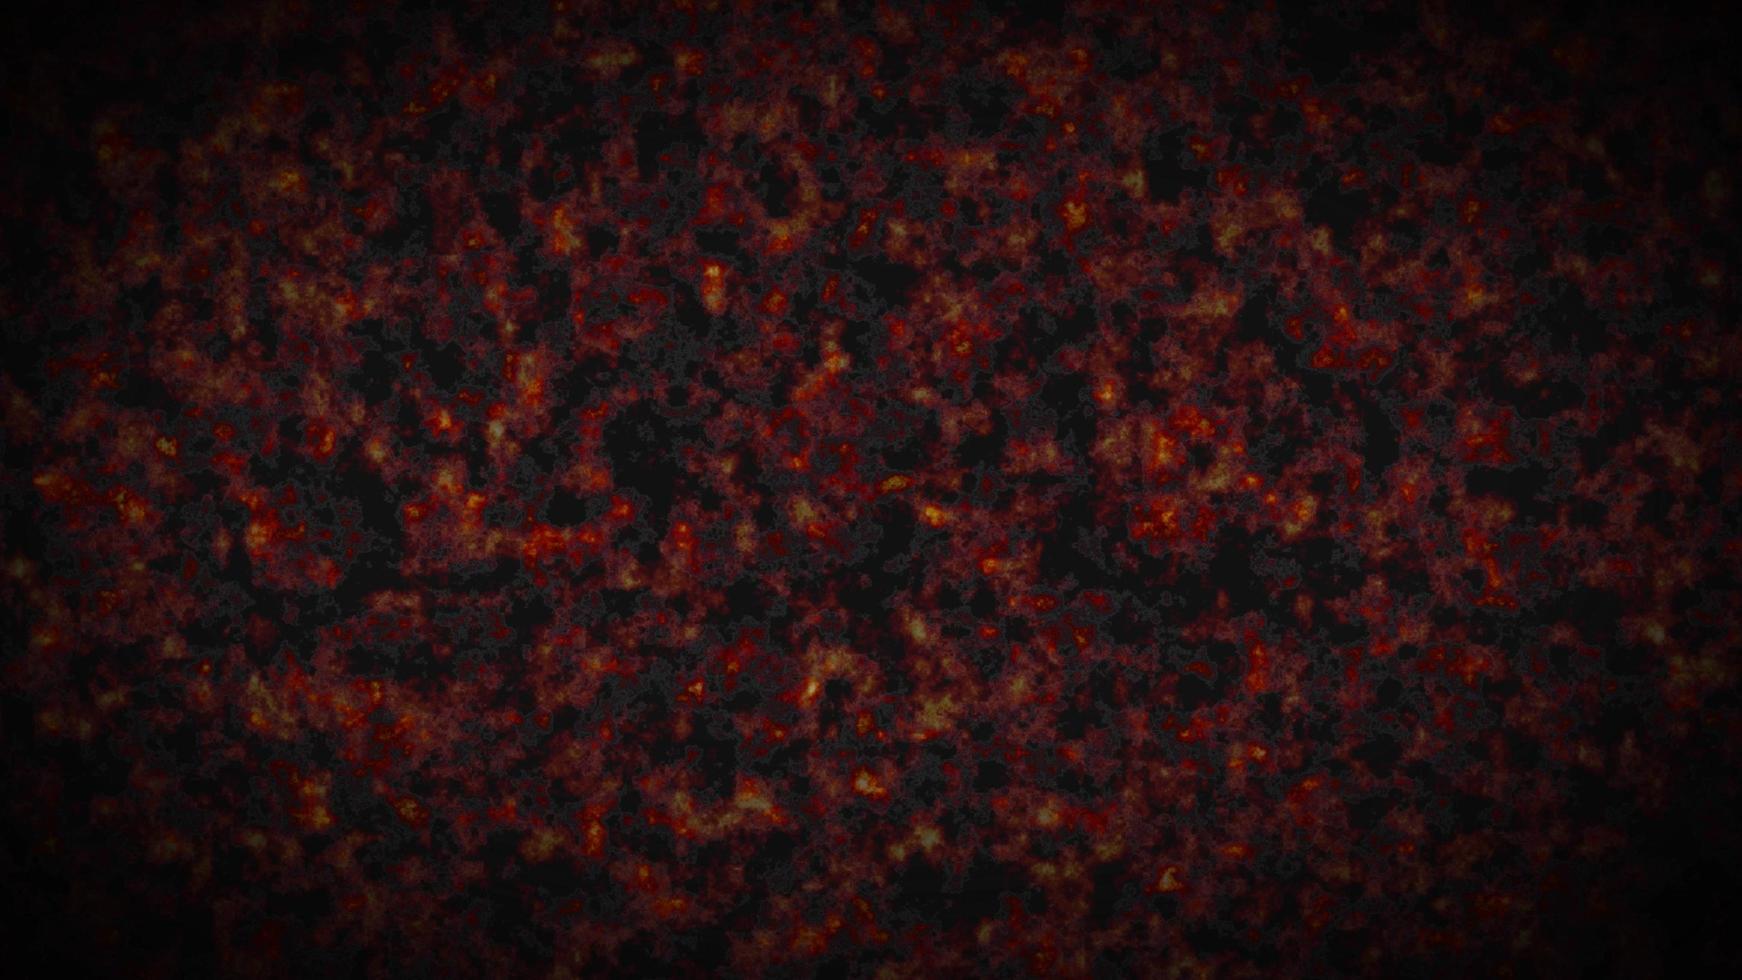 fumaça ou névoa de fogo, ilustração 3D atmosférica foto